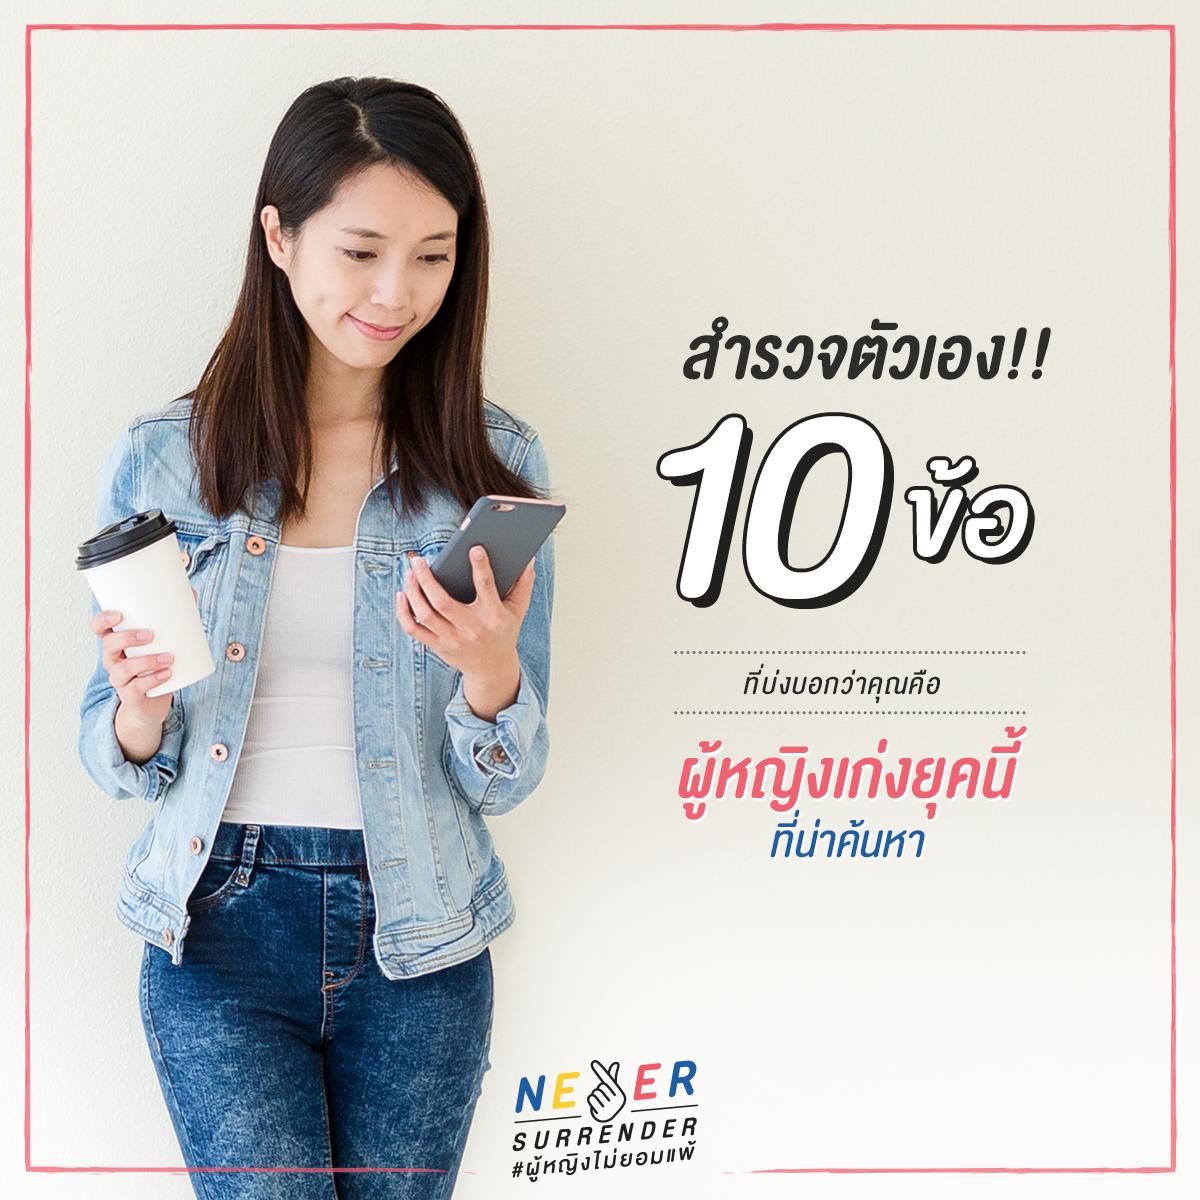 Never Surrender Thailand_สำรวจตัวเอง!! 10 ข้อที่บ่งบอกว่าคุณคือผู้หญิงเก่งยุคนี้ ที่น่าค้นหา